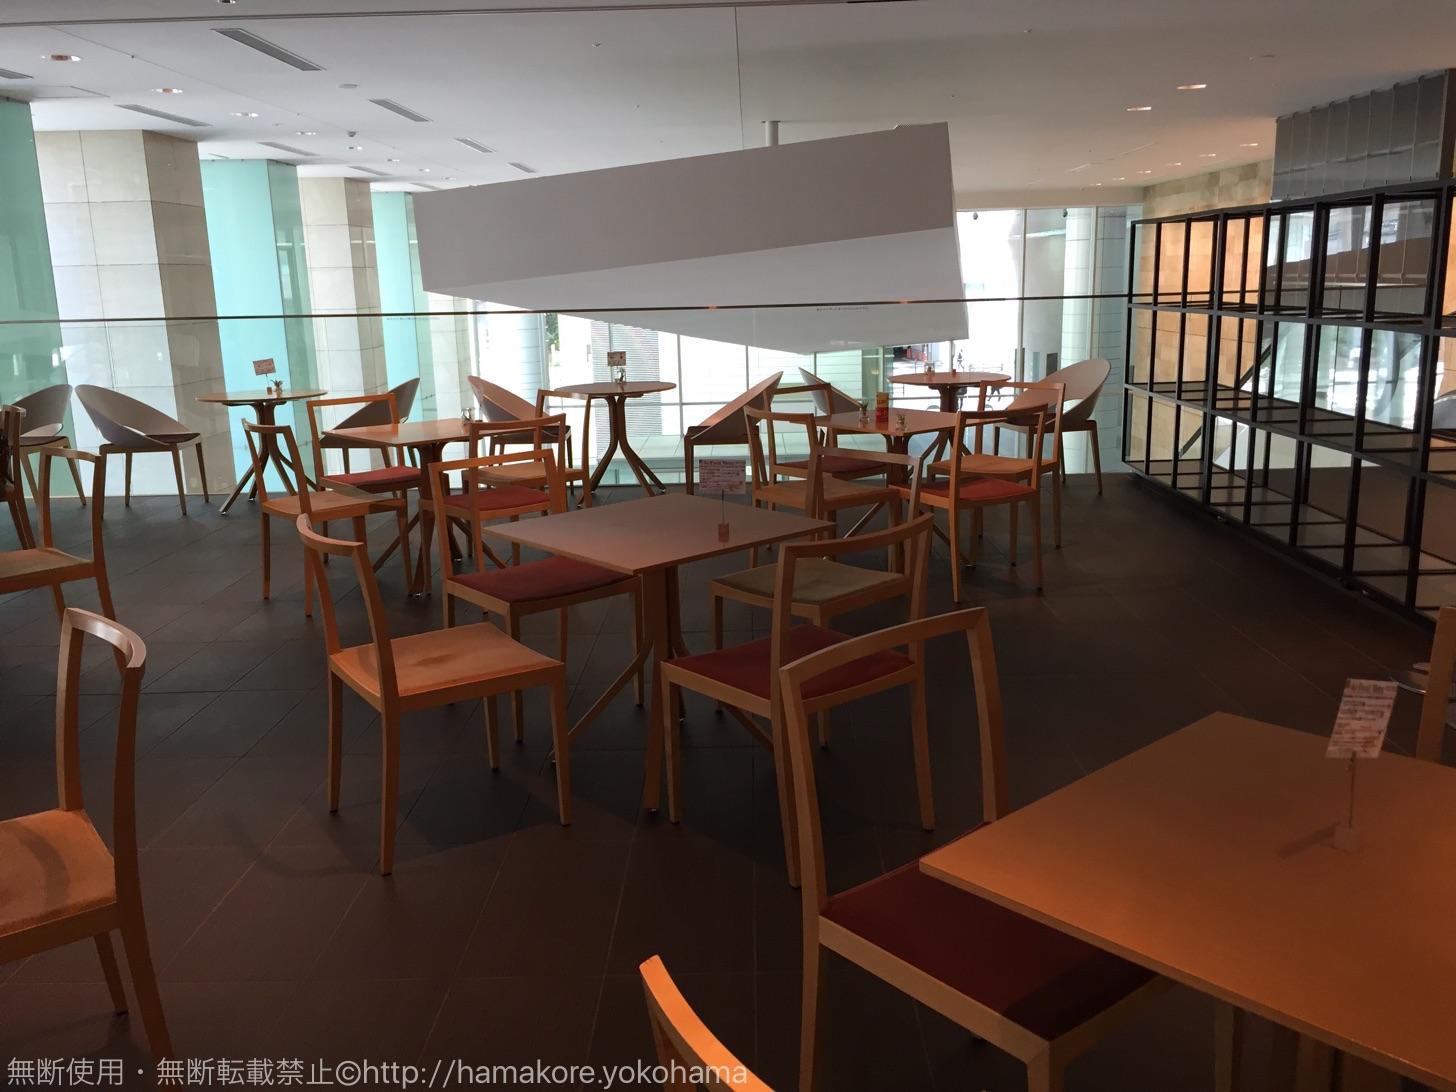 横浜駅 電源Wi-Fiカフェ「カフェ・ド・ティーケーピー」